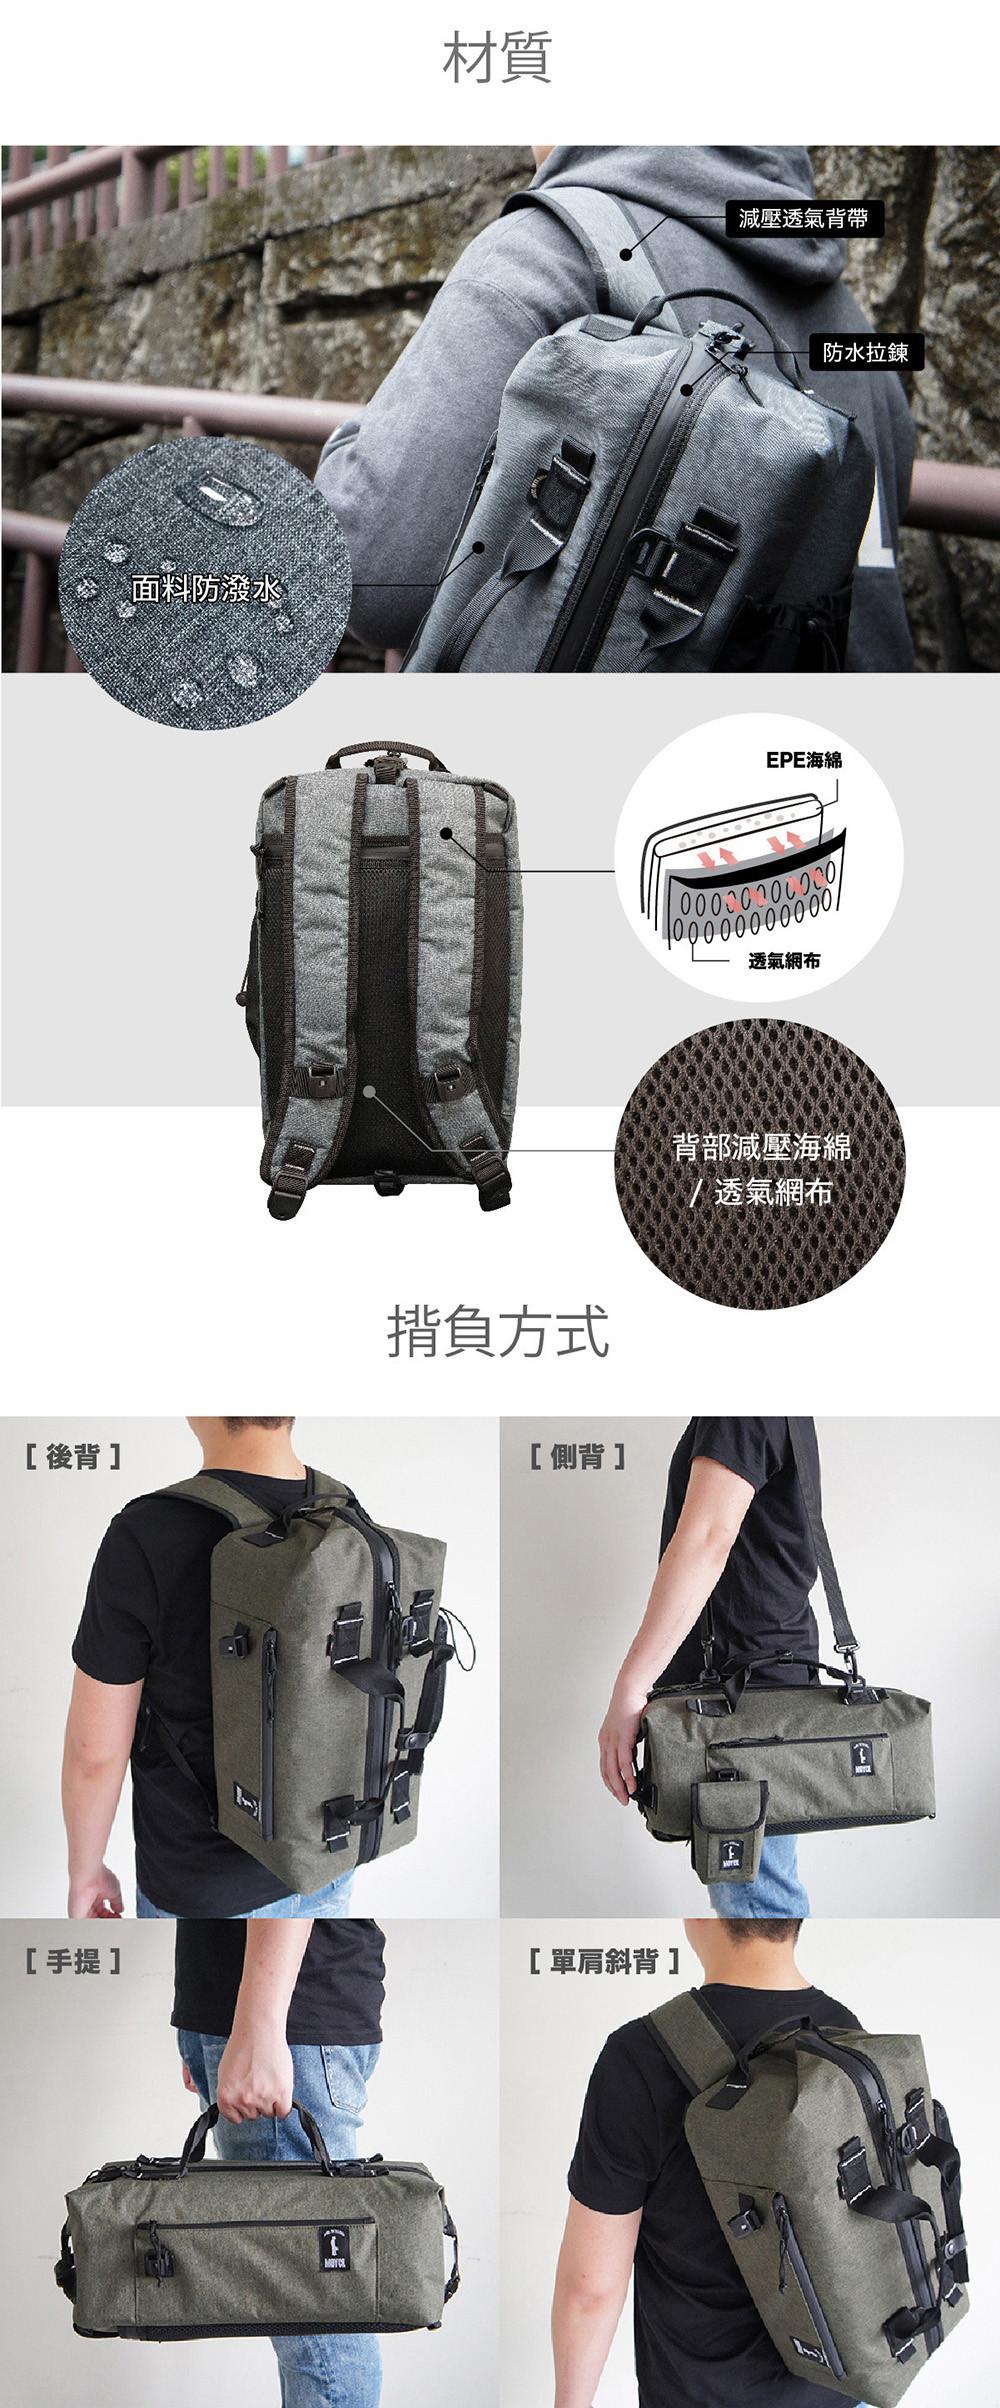 摩藝客產品介紹_3.jpg